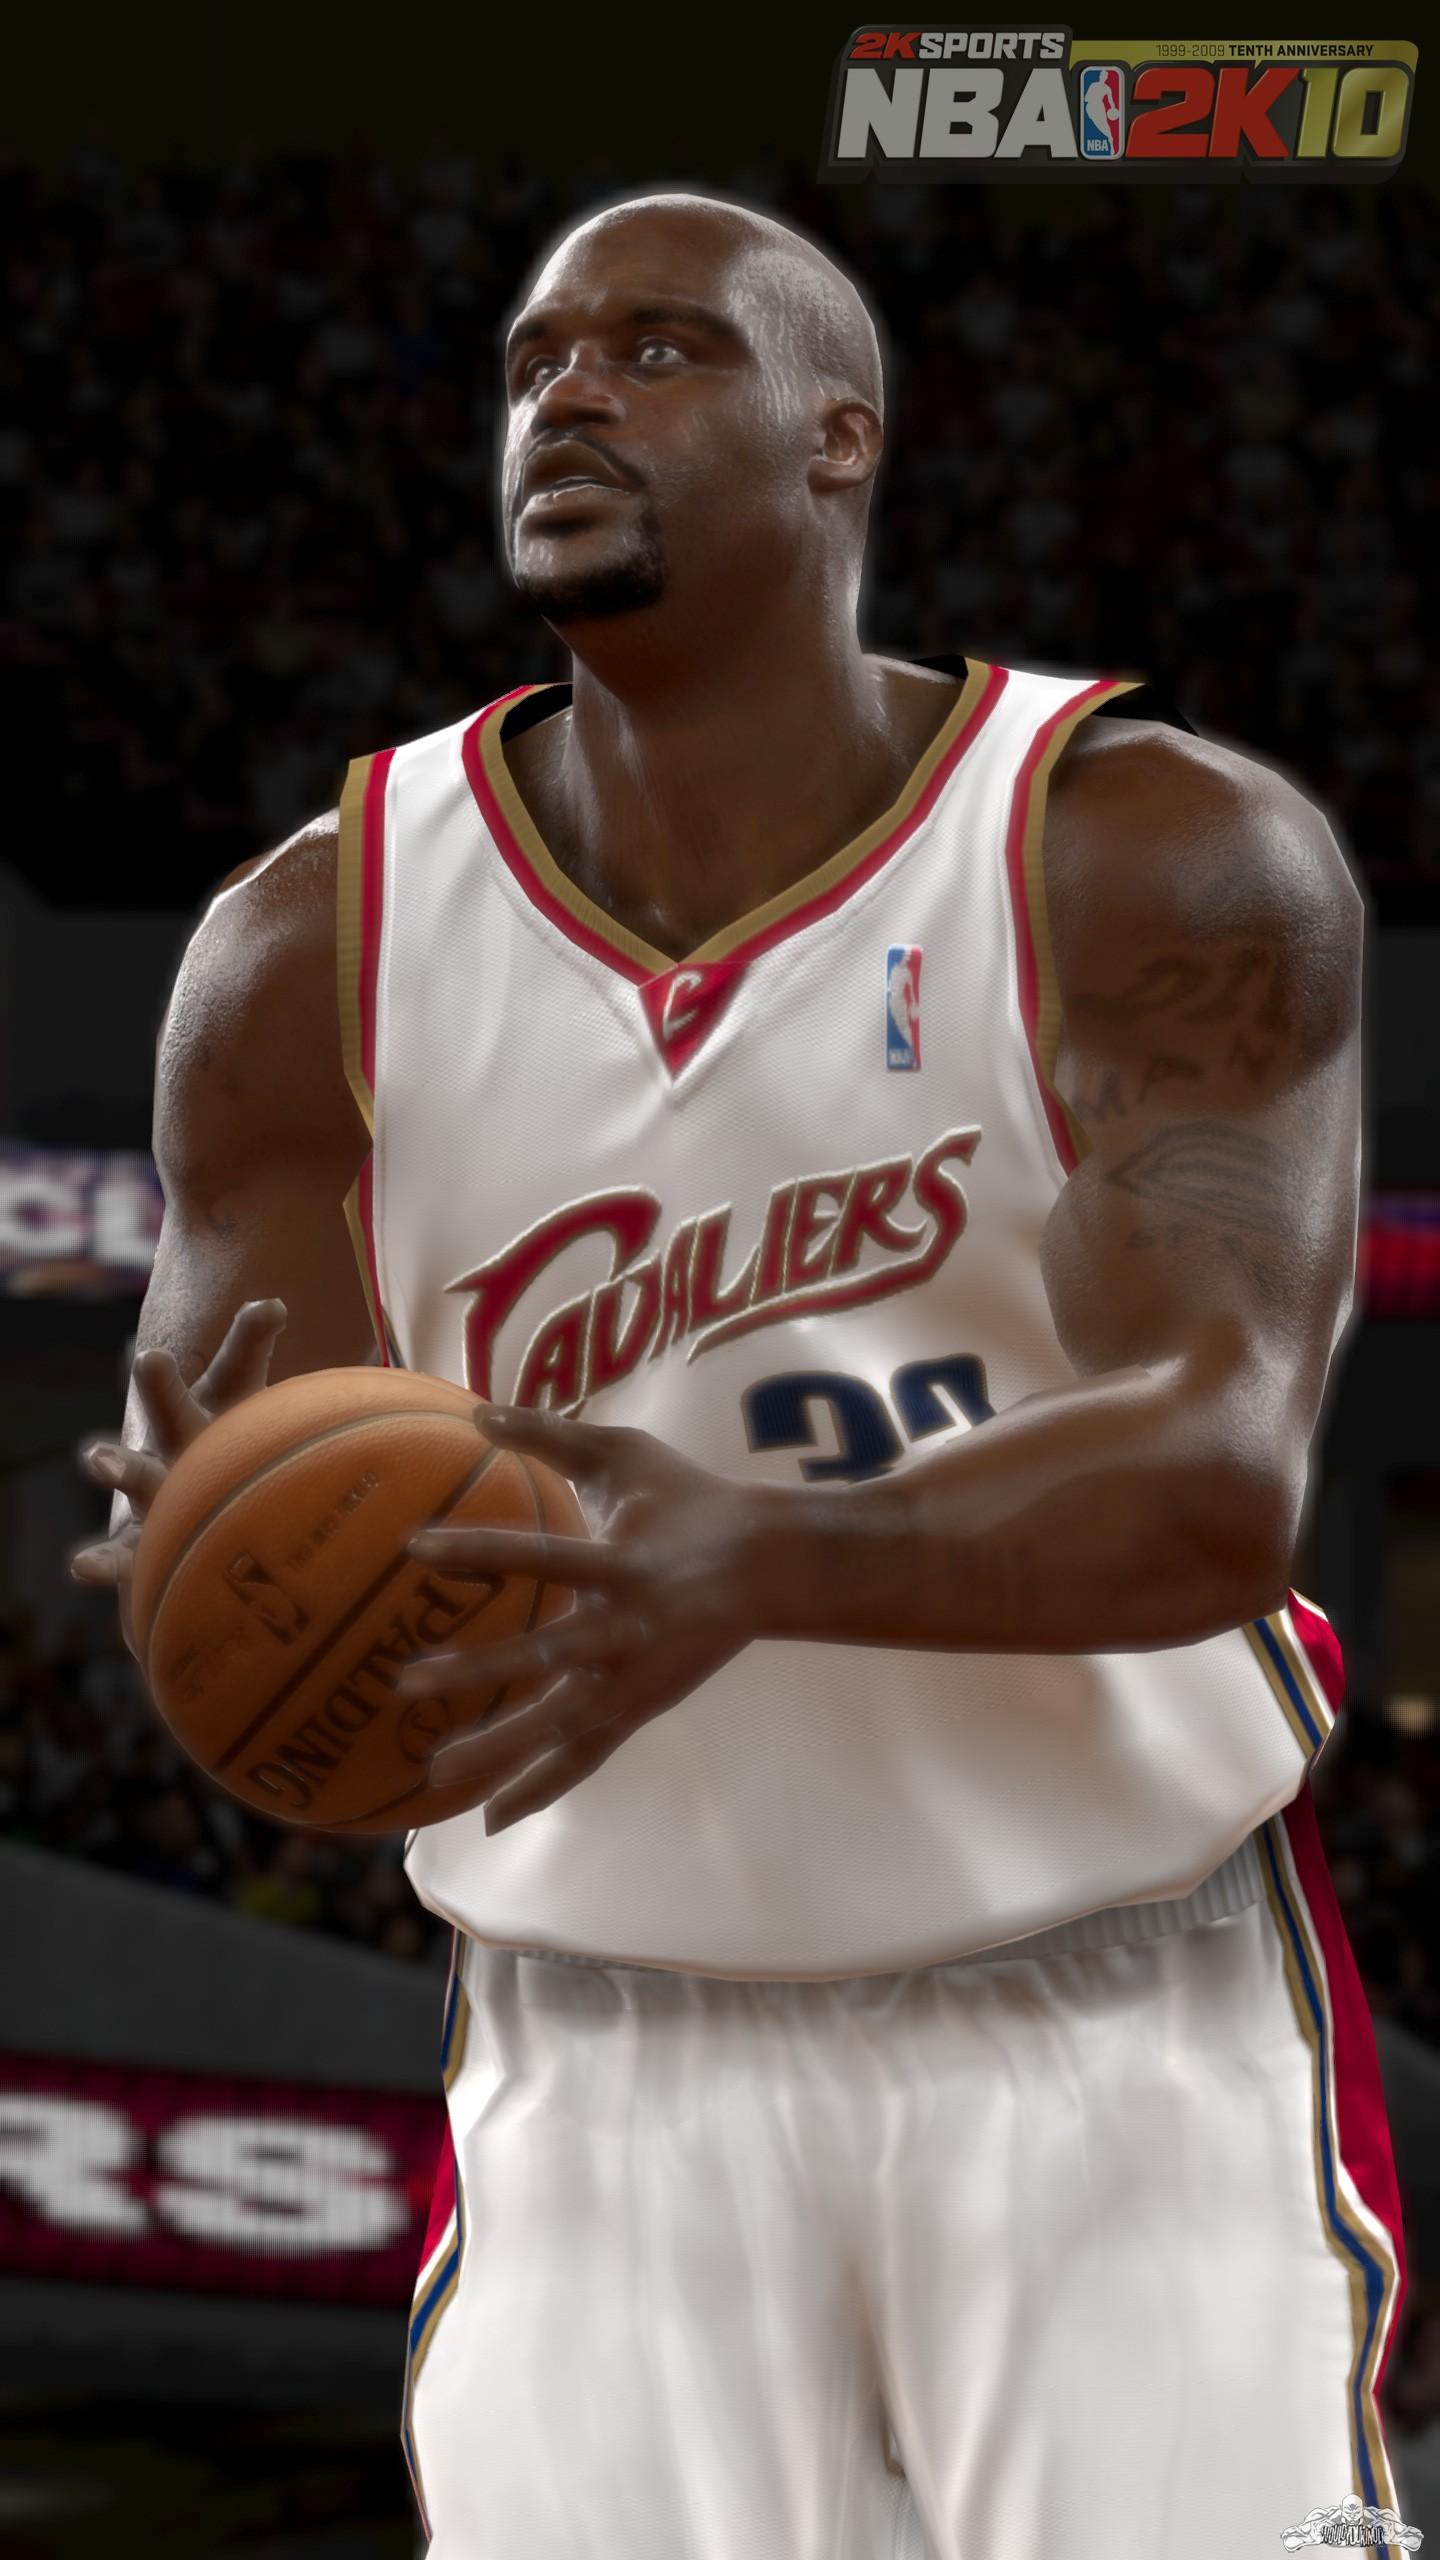 NBA 2K10 #24